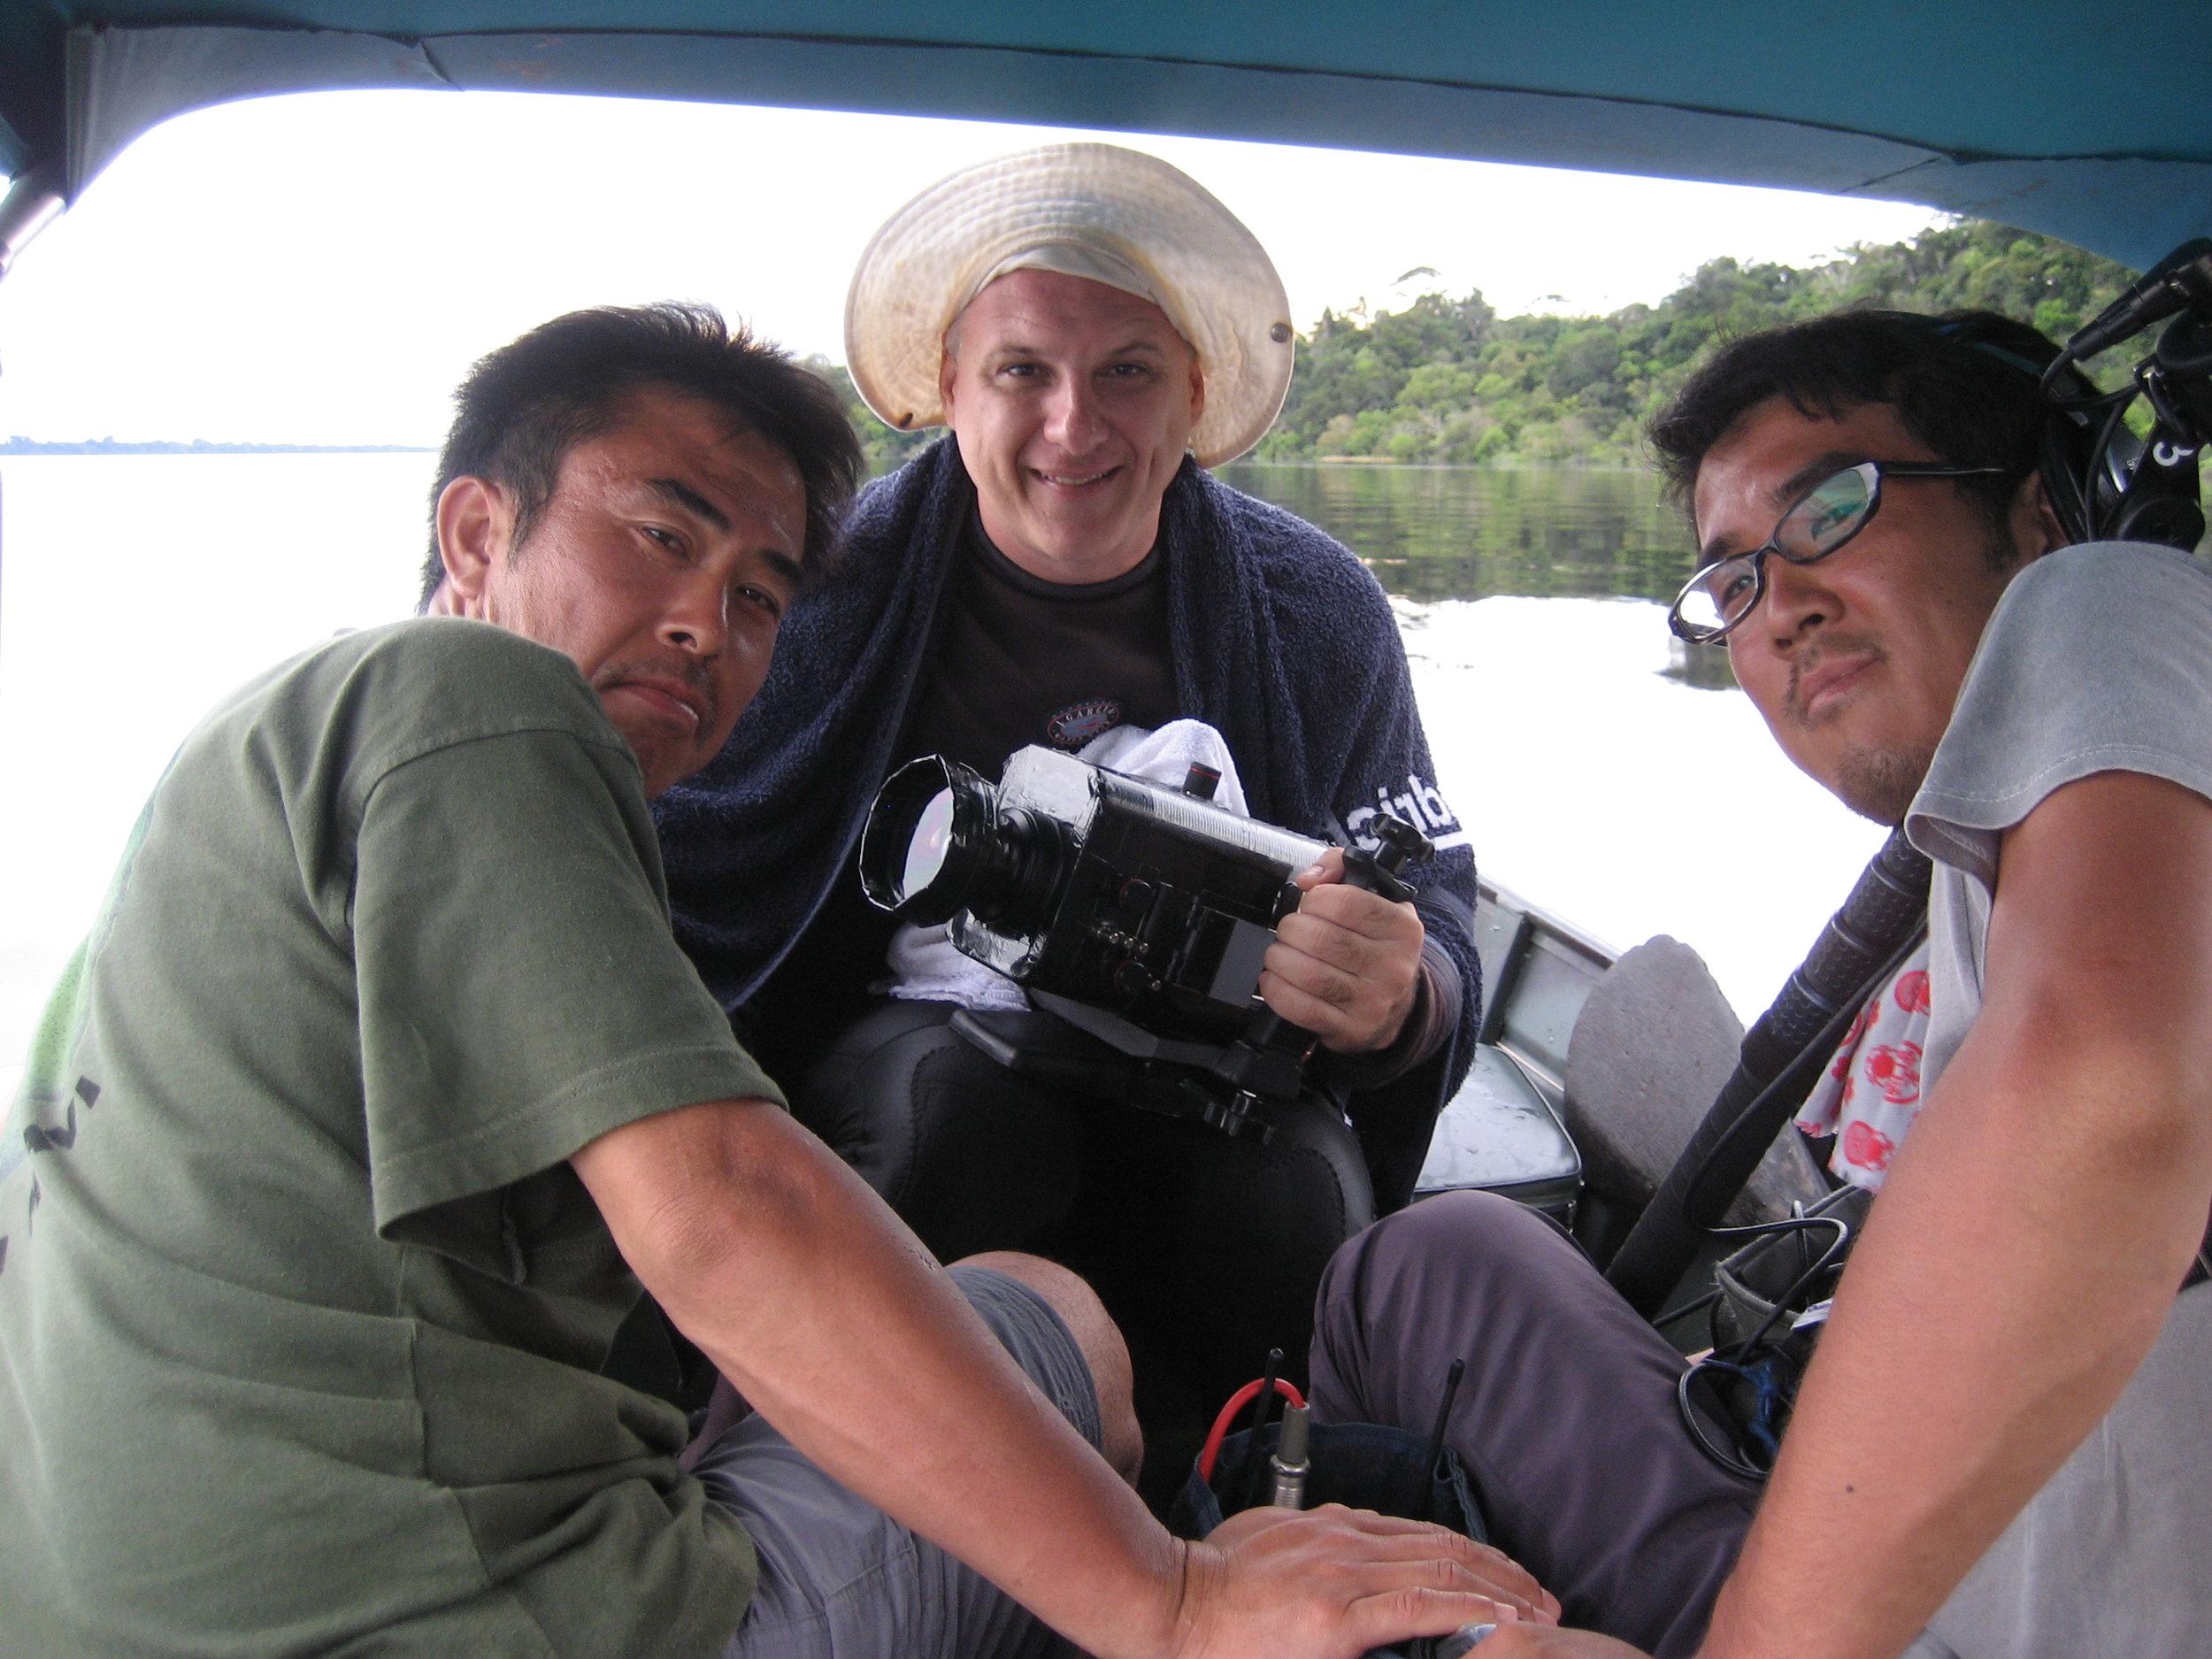 Trabalhando para a NHK -Tv japonesa- na Amazônia